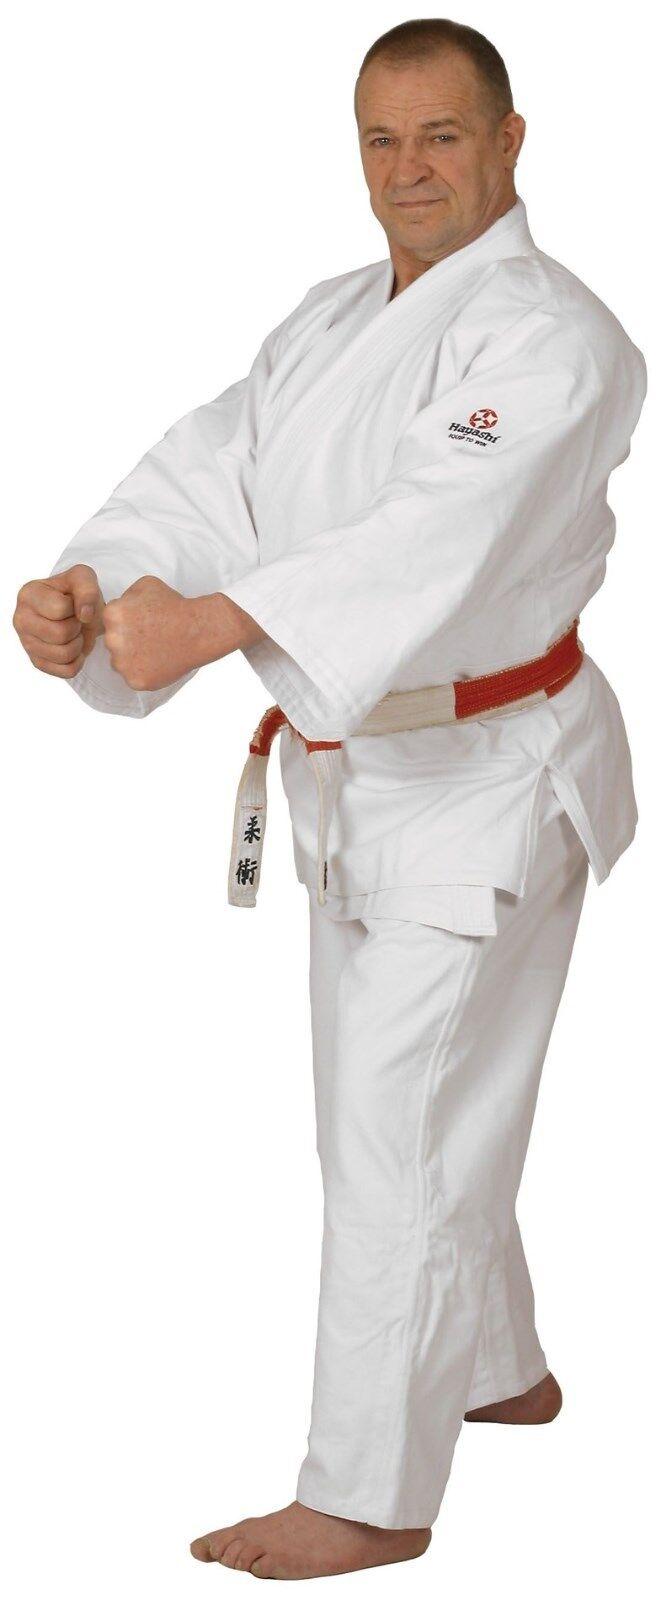 Ju Jutsu Anzug ALLSTYLE (weiß 200 cm) Von Hayashi.  SelbstGrüneidigung, BJJ, usw